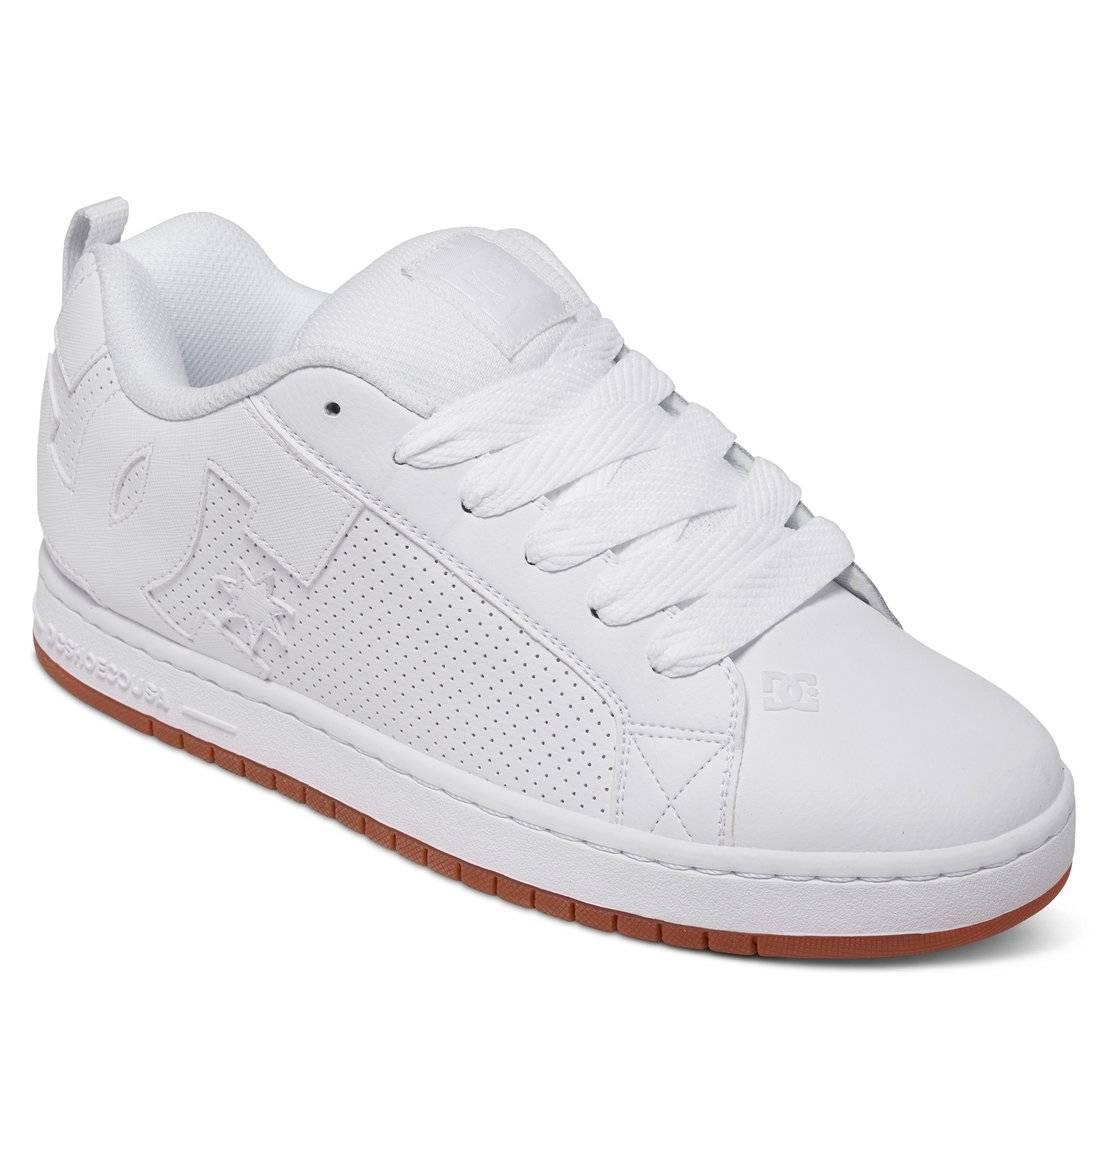 DC SHOES Court Graffik Low-Cut Sneaker Freizeitschuhe Skateschuhe weiß Leder